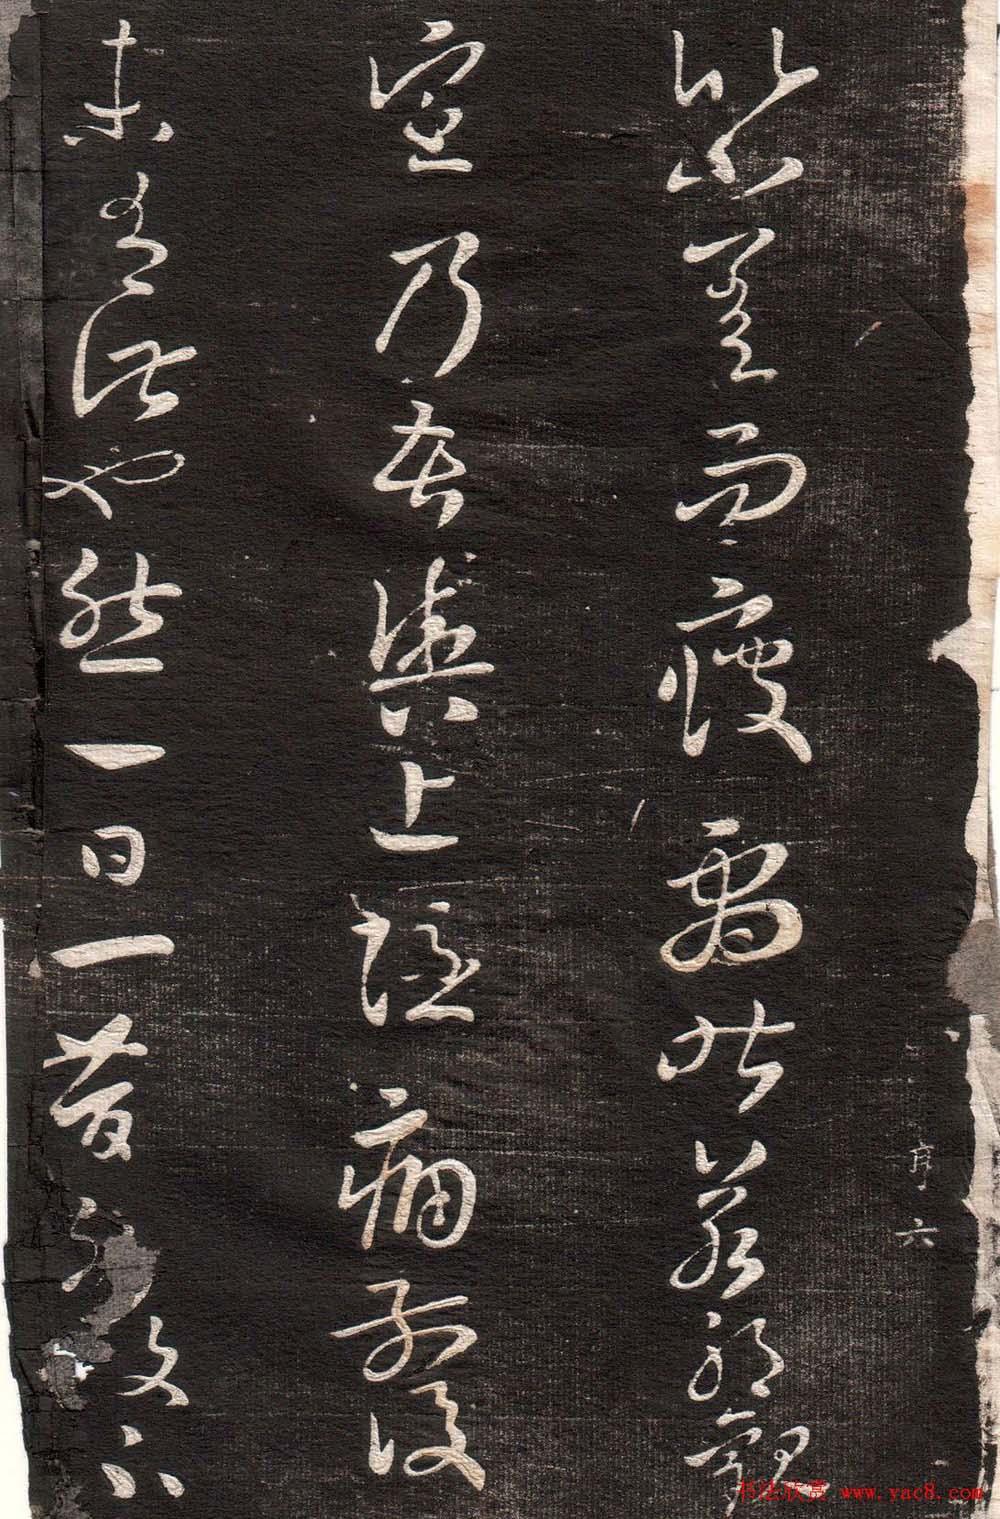 王羲之草书字帖下载《眉寿堂卷二》(21)图片